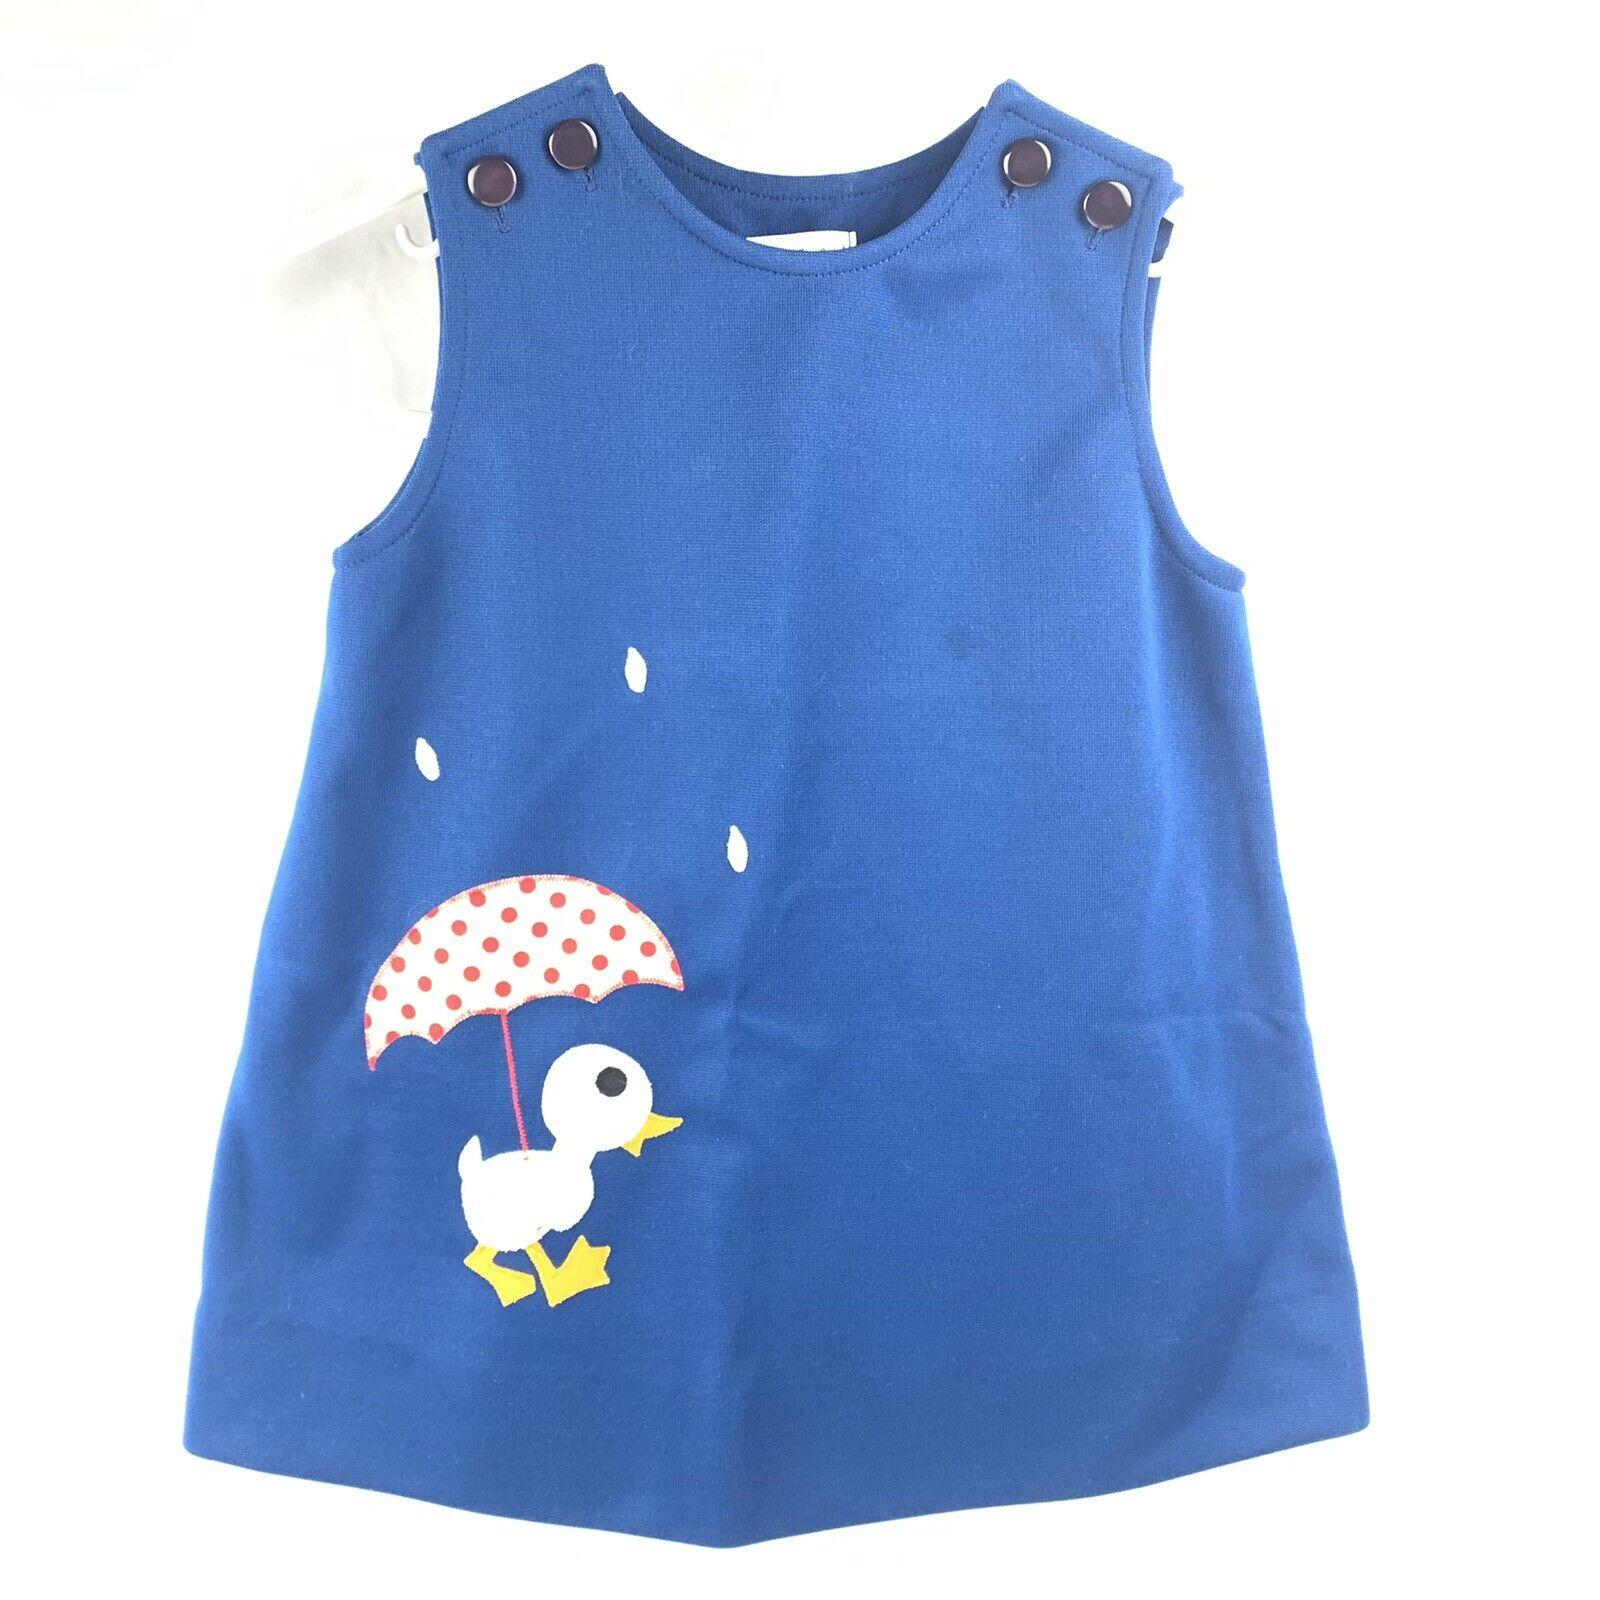 Vtg Jayne Copeland Girls Romper Dress Size 4T? 19… - image 1